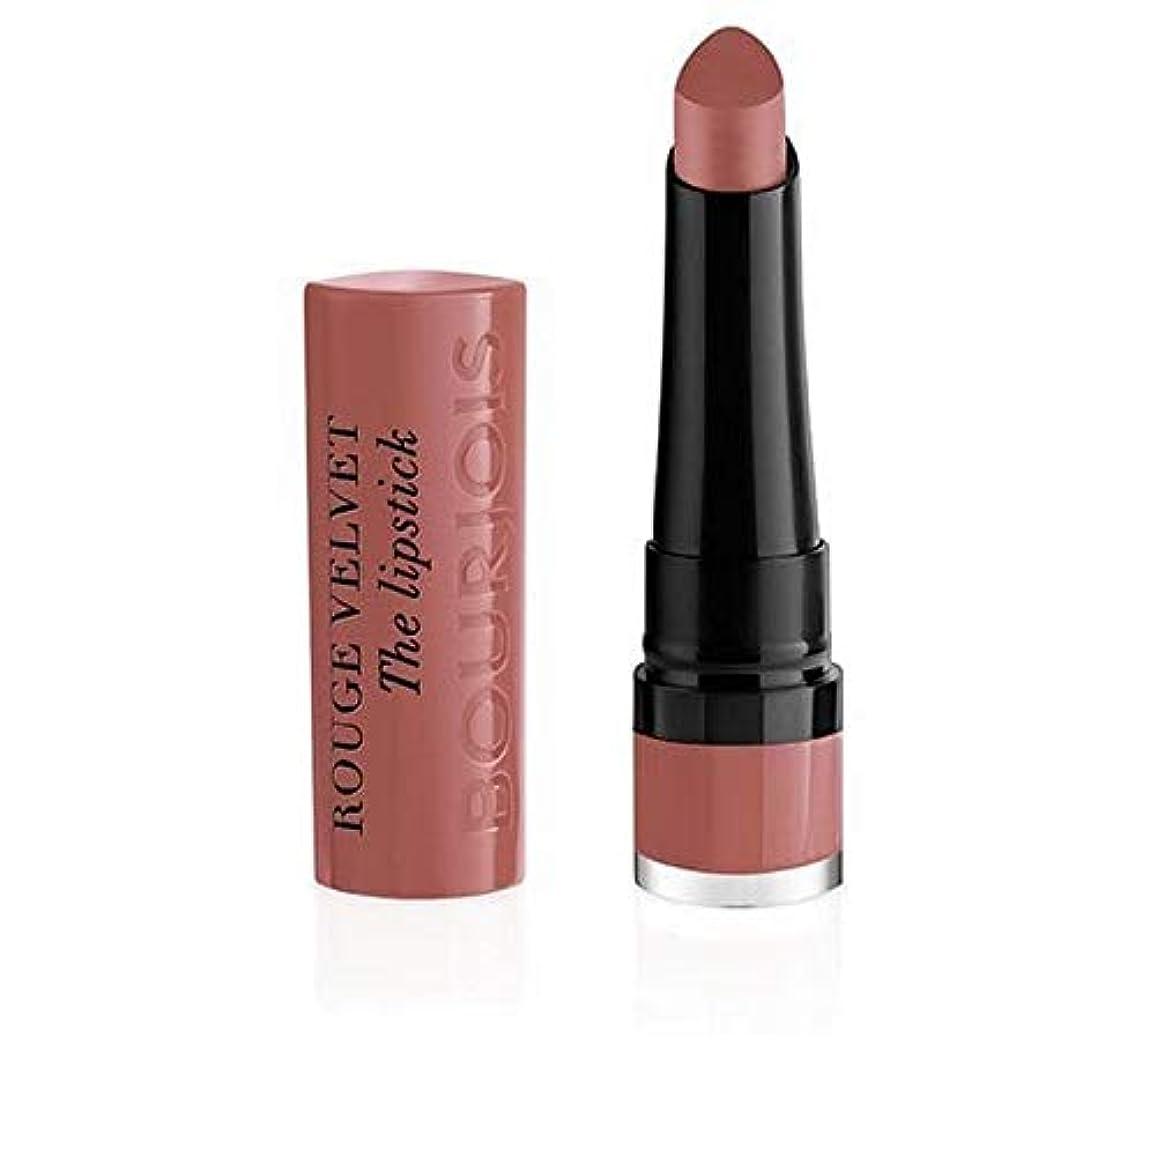 描くベアリングサークルお酒[Bourjois ] ルージュのベルベットの口紅13 Nochalicious - Rouge Velvet The Lipstick 13 Nochalicious [並行輸入品]